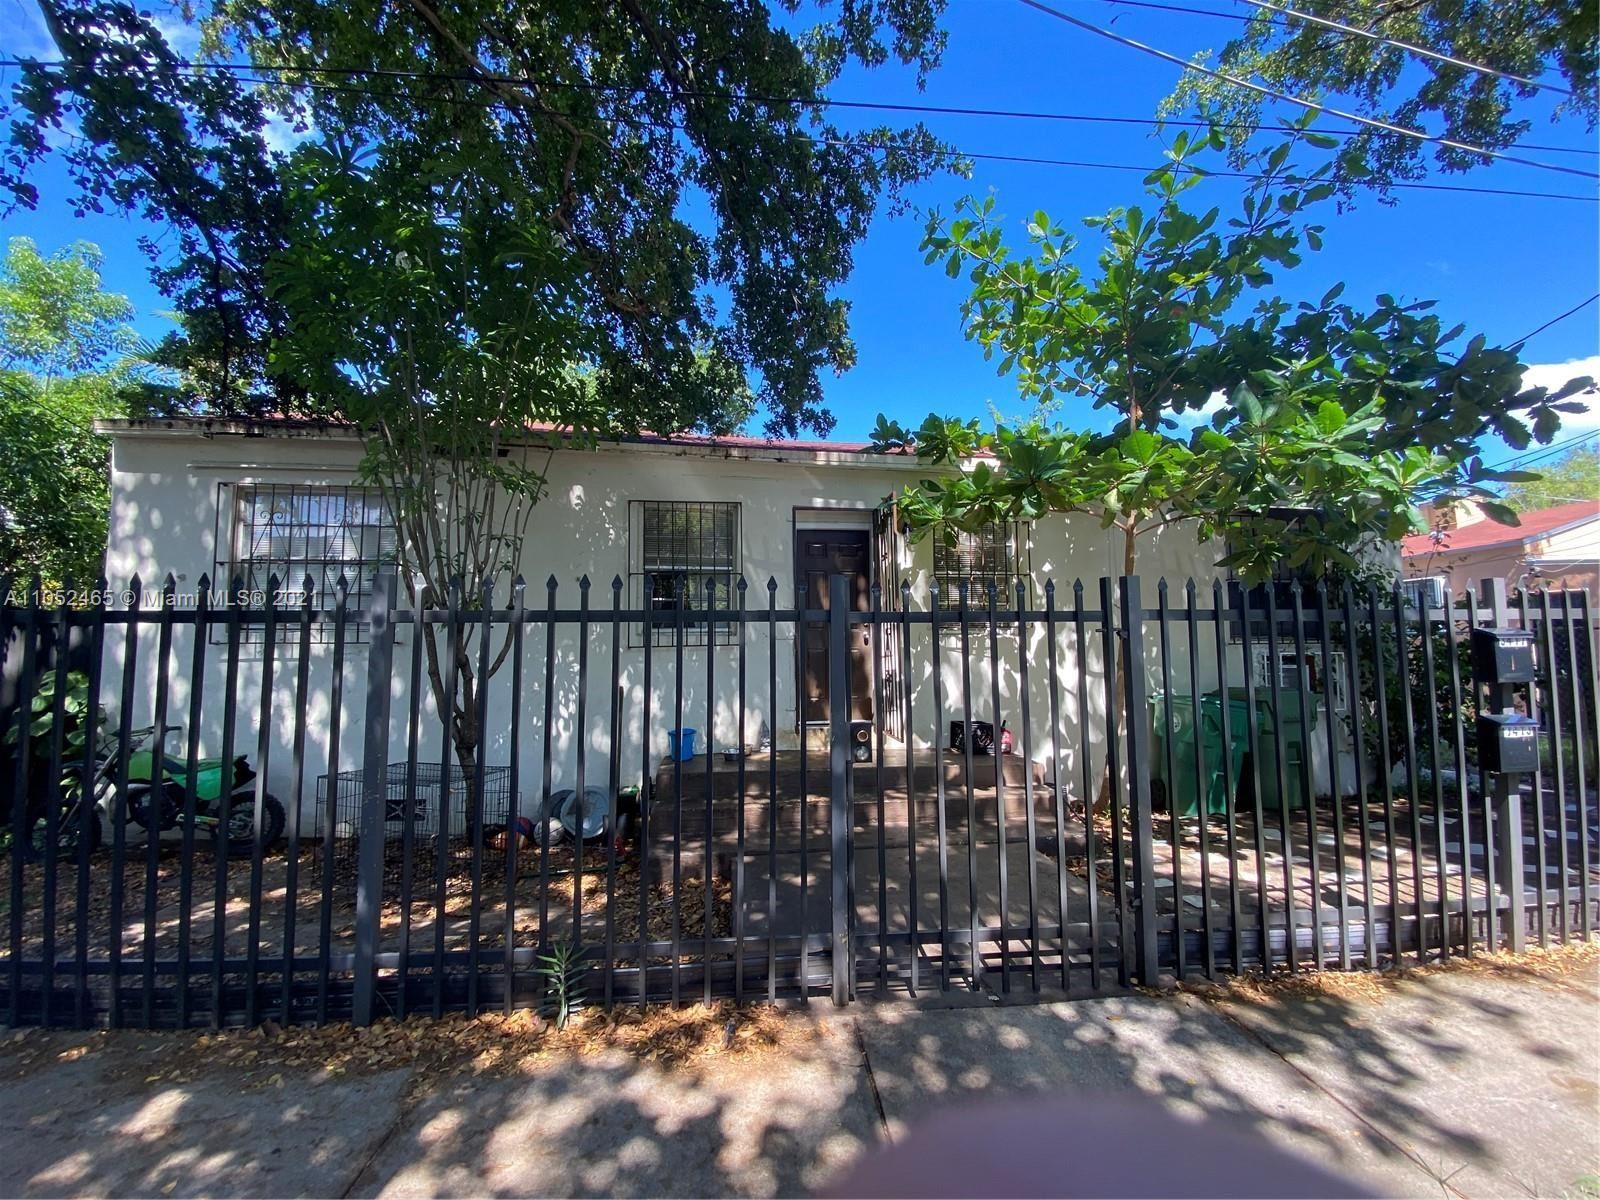 3413 NW 6th Ave, Miami, FL 33127 - #: A11052465